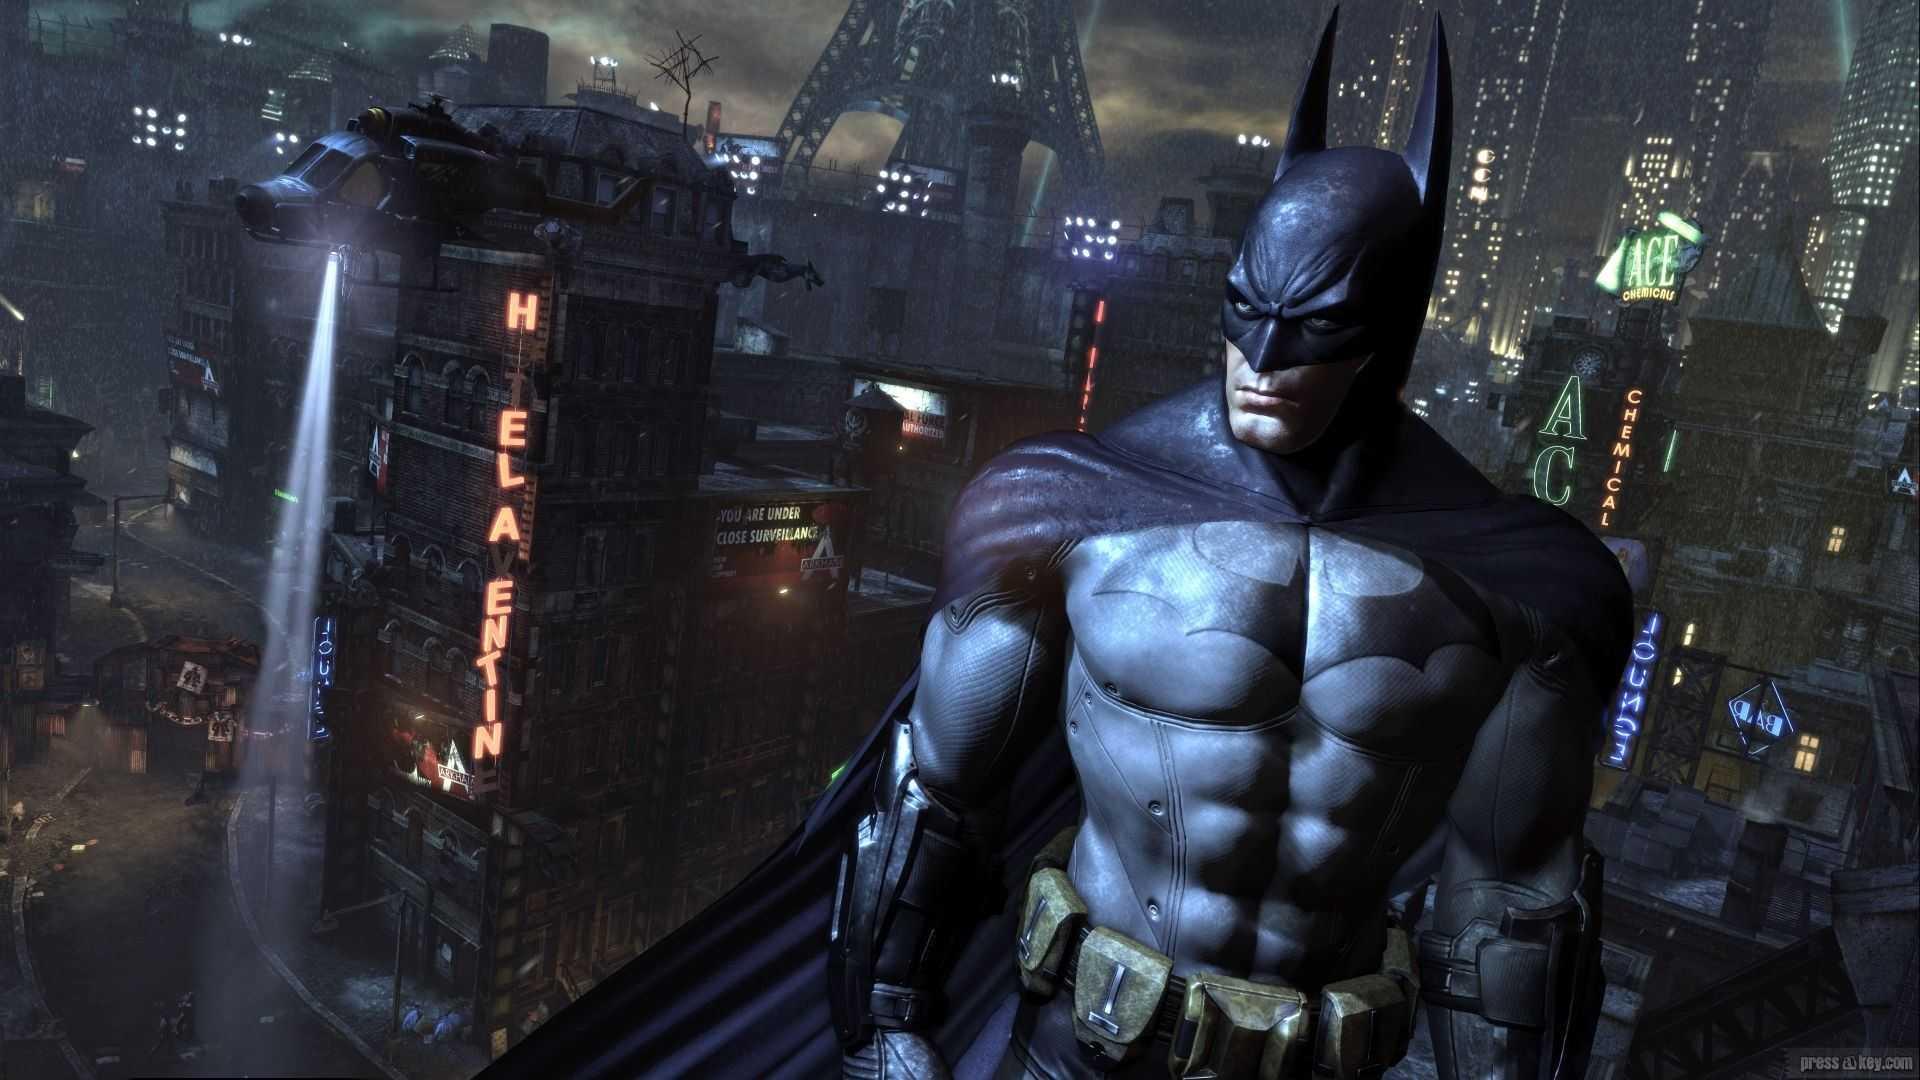 Batman: Return to Arkham grafik karşılaştırması yayınlandı